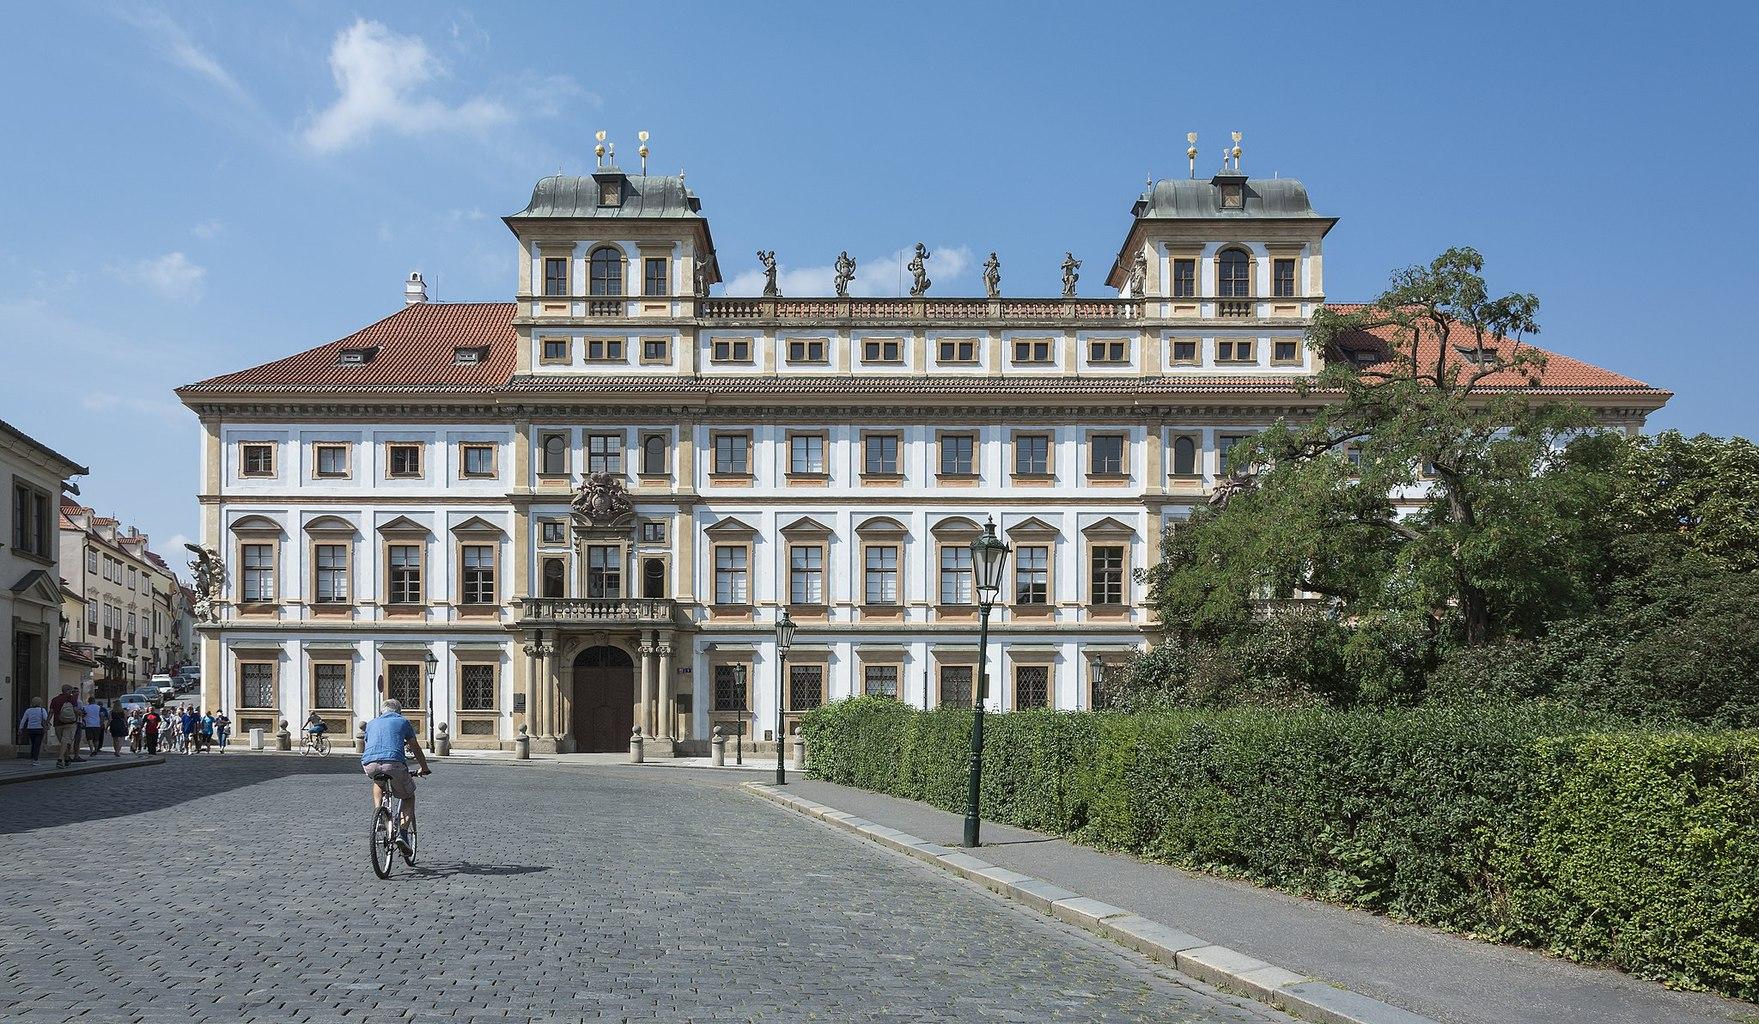 A Toszkánai palota, ahol az Orosz Határon Túli Történelmi Archívum eredetileg helyet kapott #moszkvater